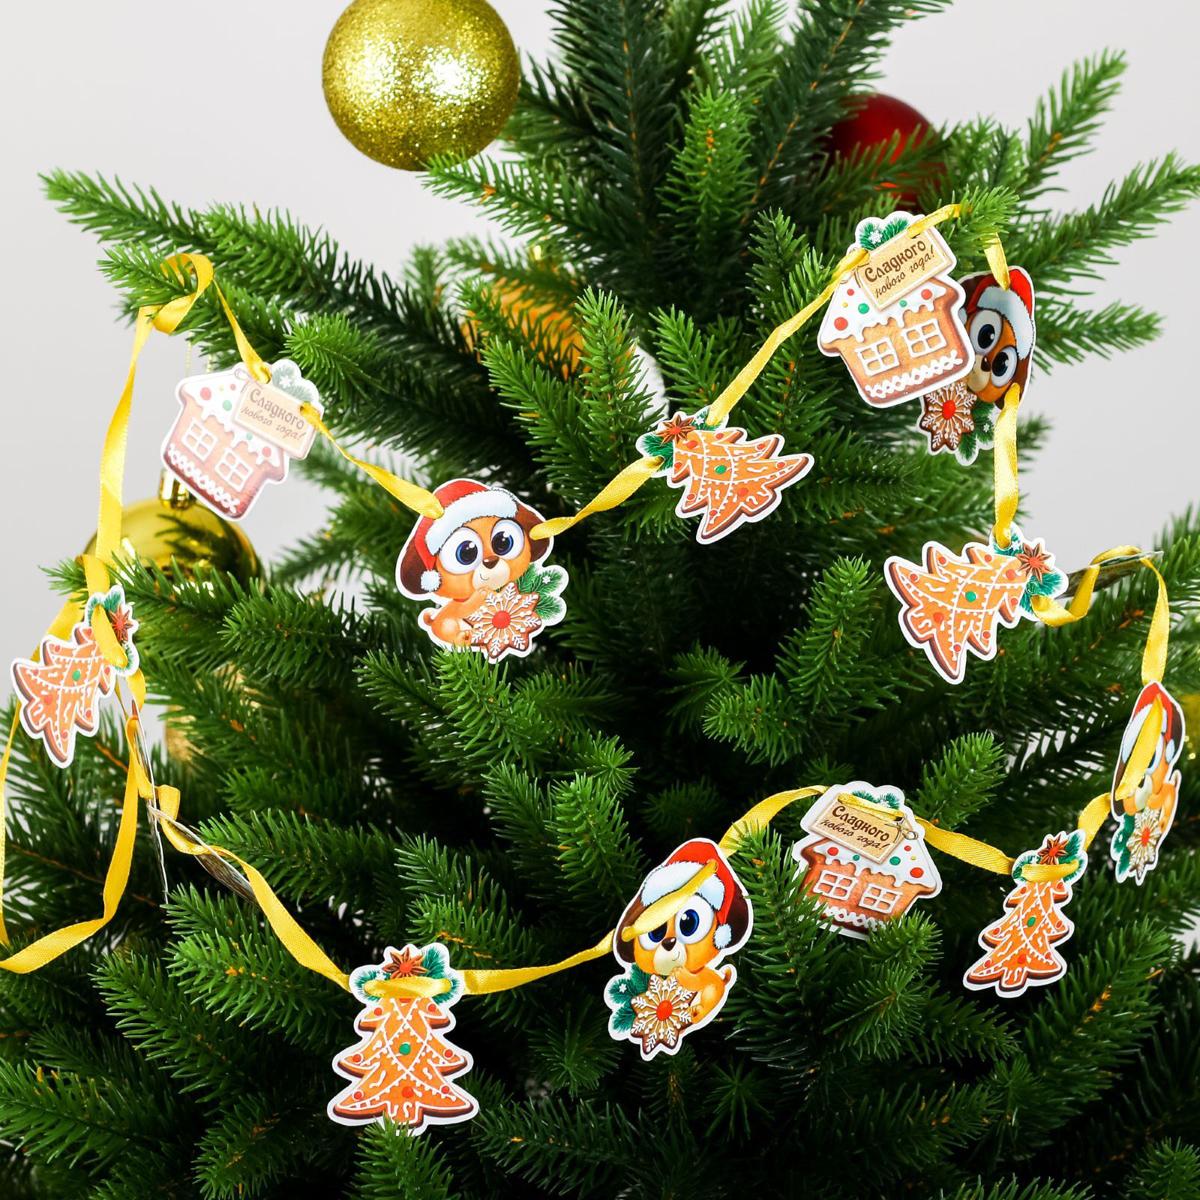 Гирлянда Собачка в колпаке, 8,5 х 8,5 см, длина 2 м2268890Оформление — важная часть любого торжества, особенно Нового года. Яркие украшения для интерьера создадут особую атмосферу в вашем доме и подарят радость. Гирлянда придется по душе каждому. Подвесьте ее в комнате, и праздничное настроение не заставит себя ждать.